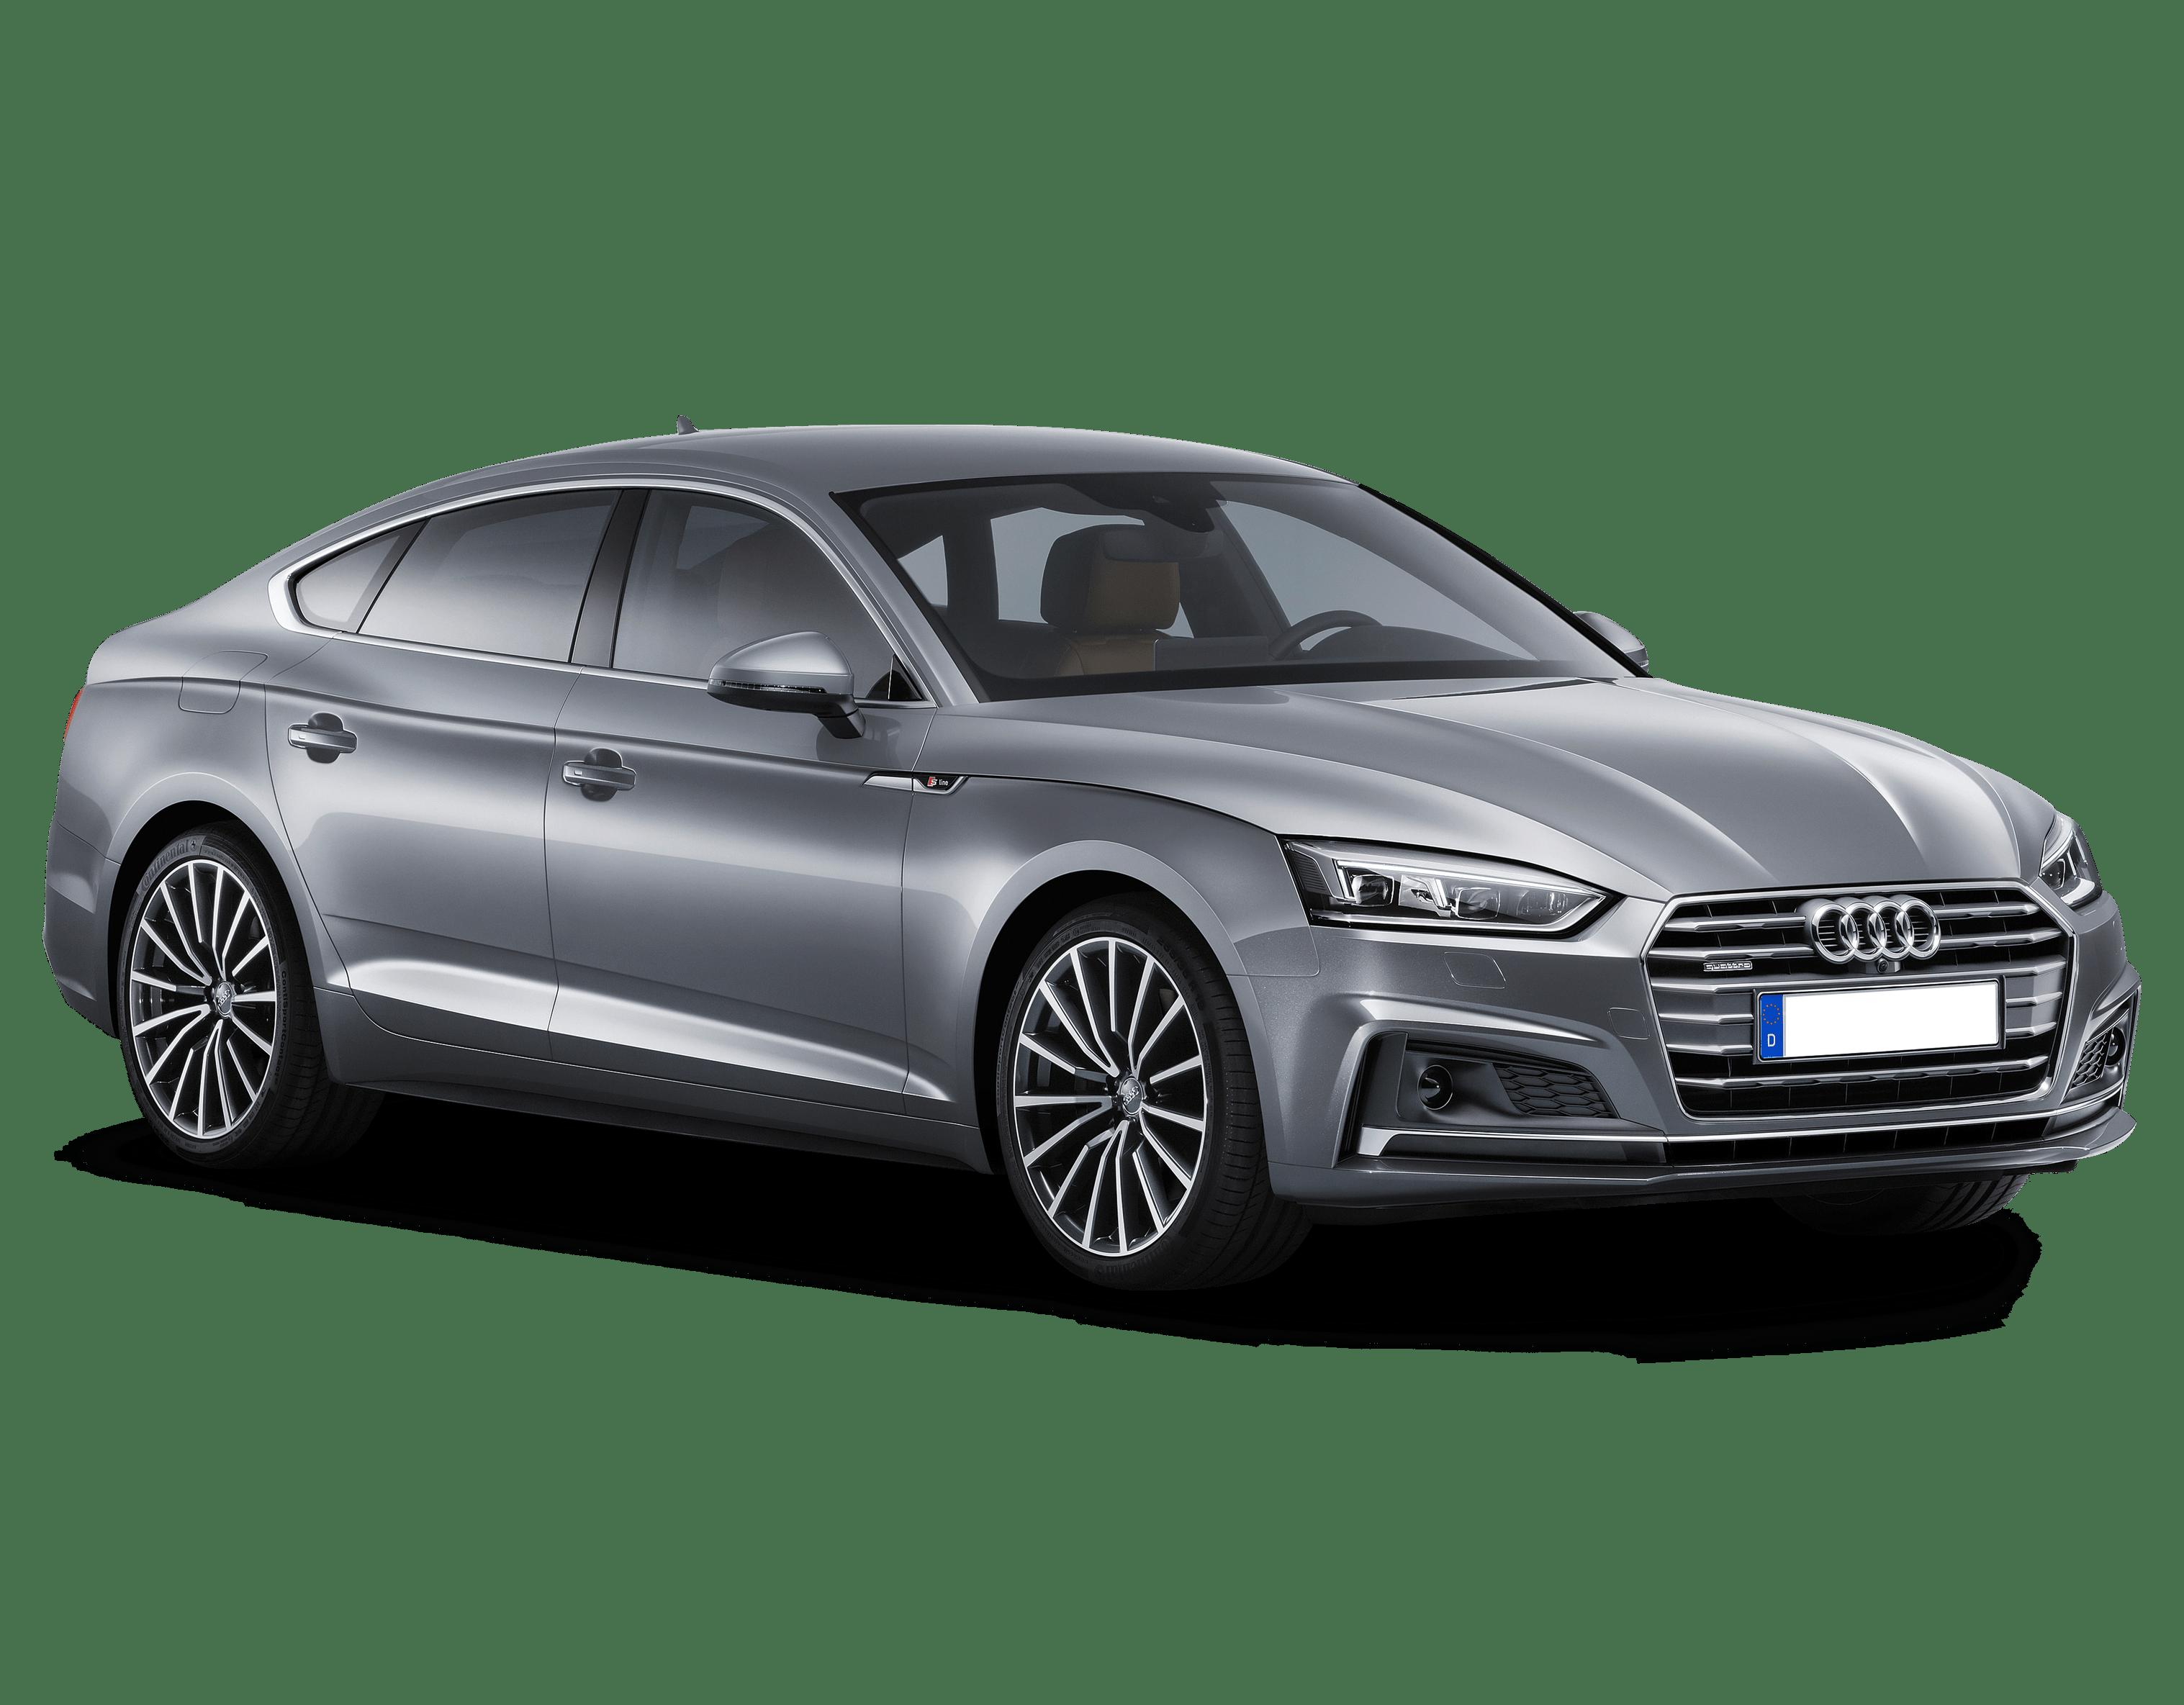 Kelebihan Kekurangan Audi 5 Tangguh